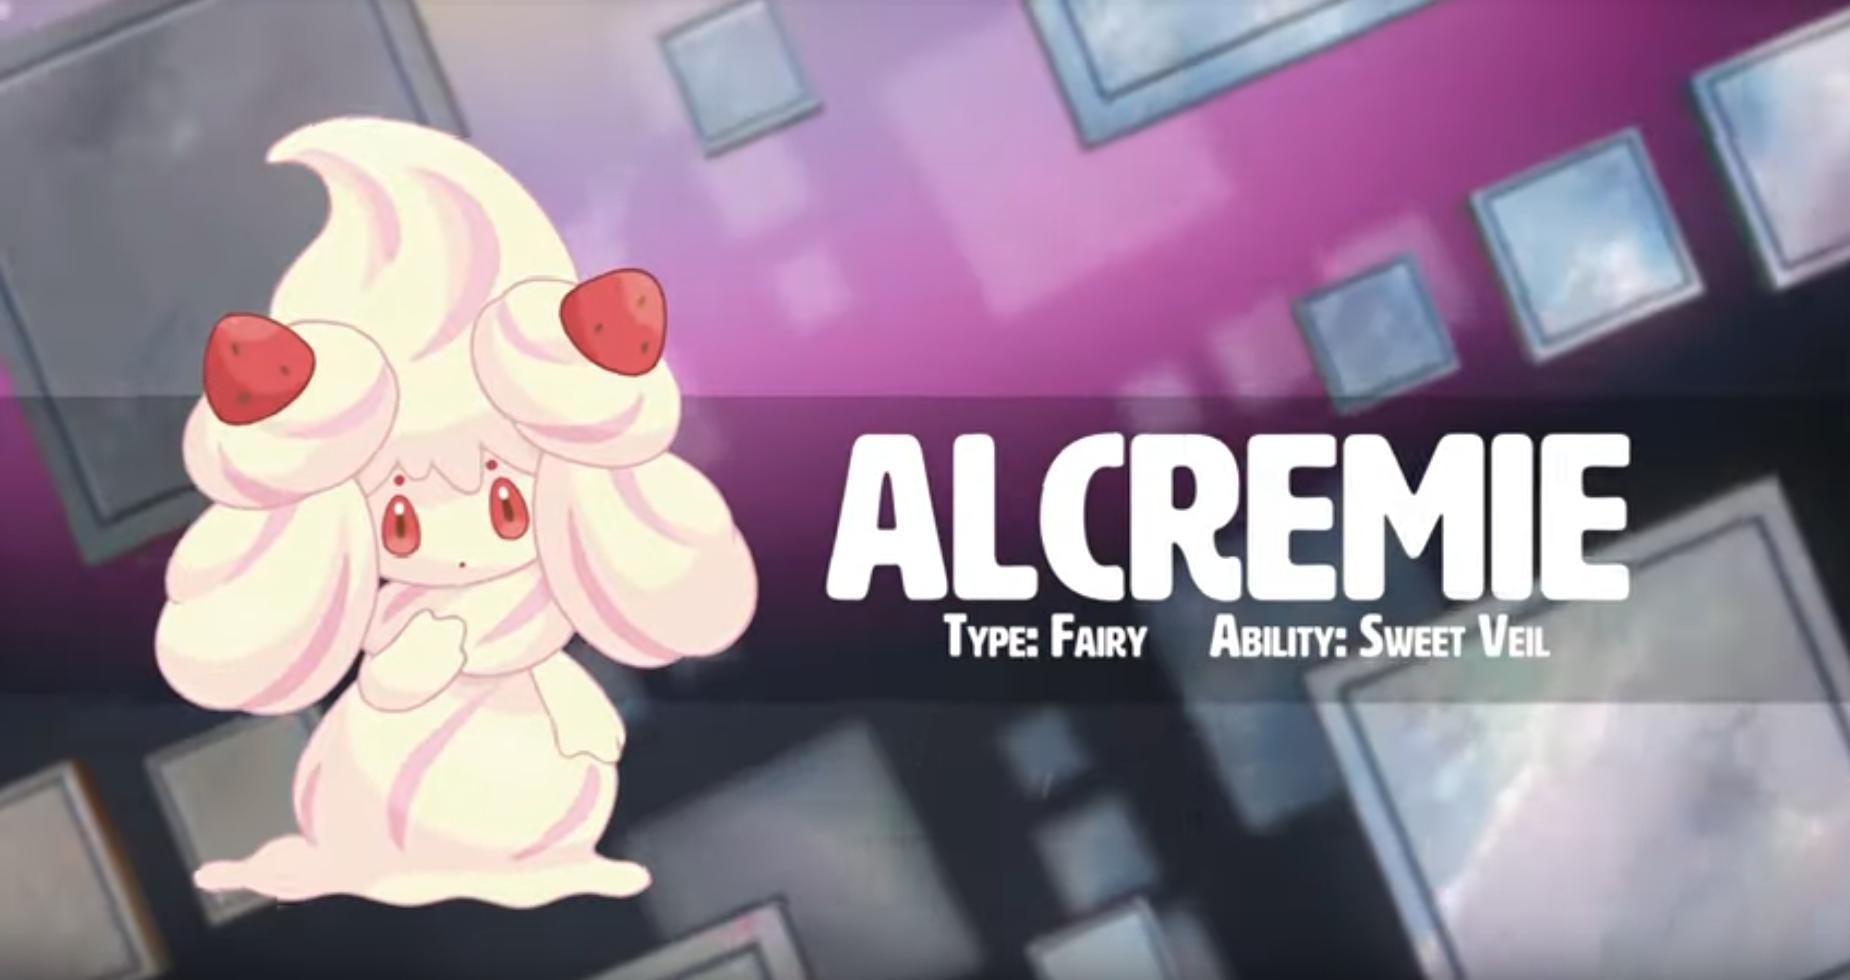 Alcremie